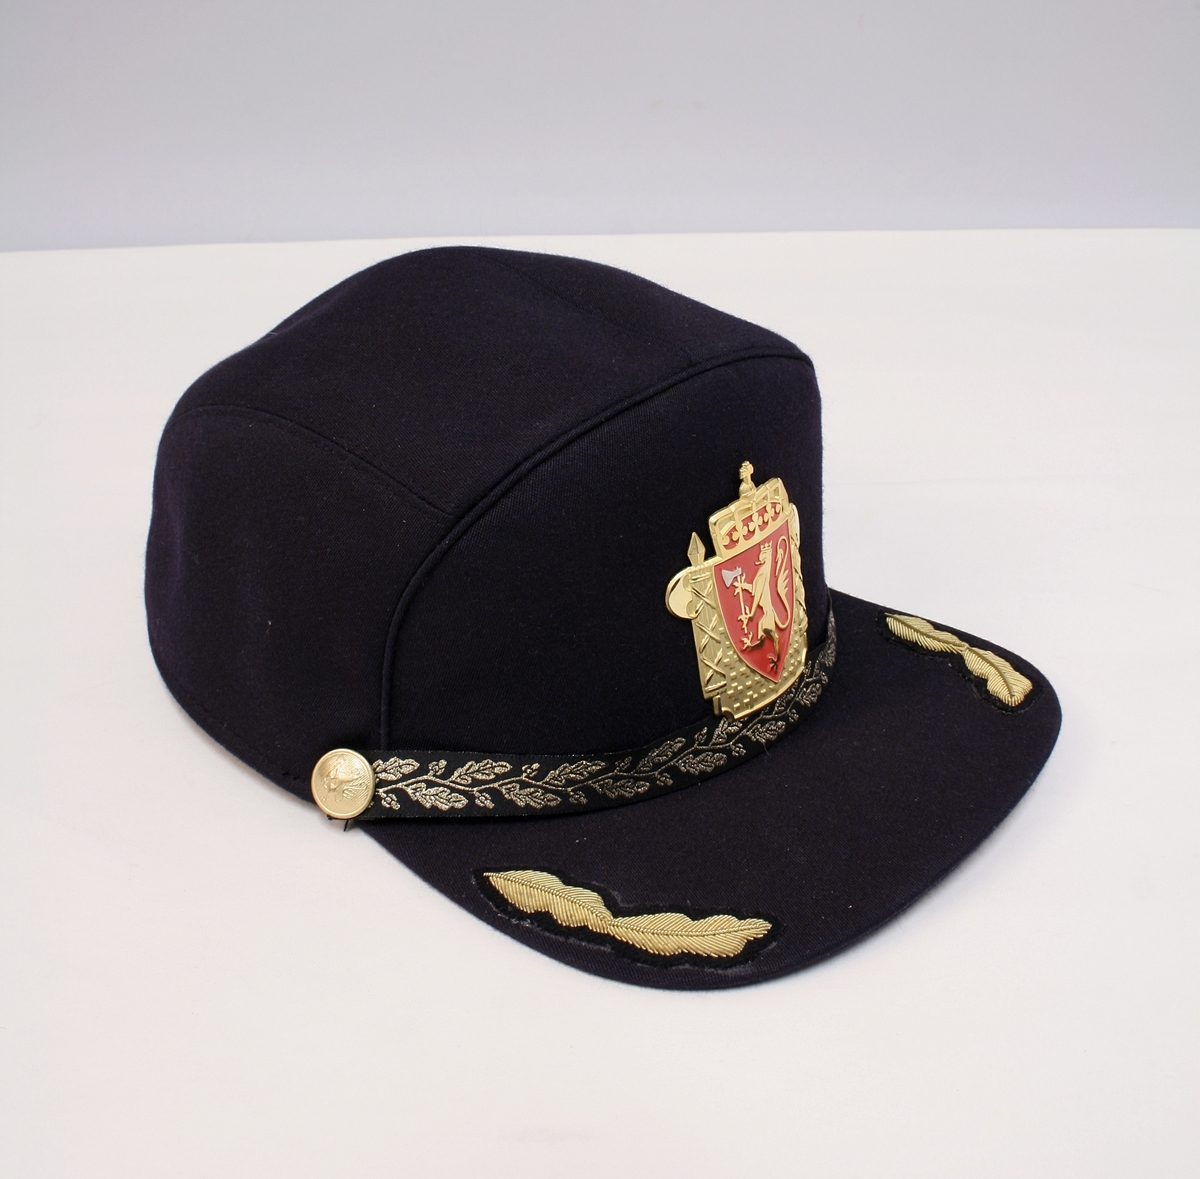 Sort uniformslue, tjenesteantrekk II - grunnform. Luemerke 1995 i metall, ekeløvsbånd, samt delt ekeløvsdistinksjon på skjermen, reglementert for f.o.m  politiførstebetjent t.o.m politiadjunktant.